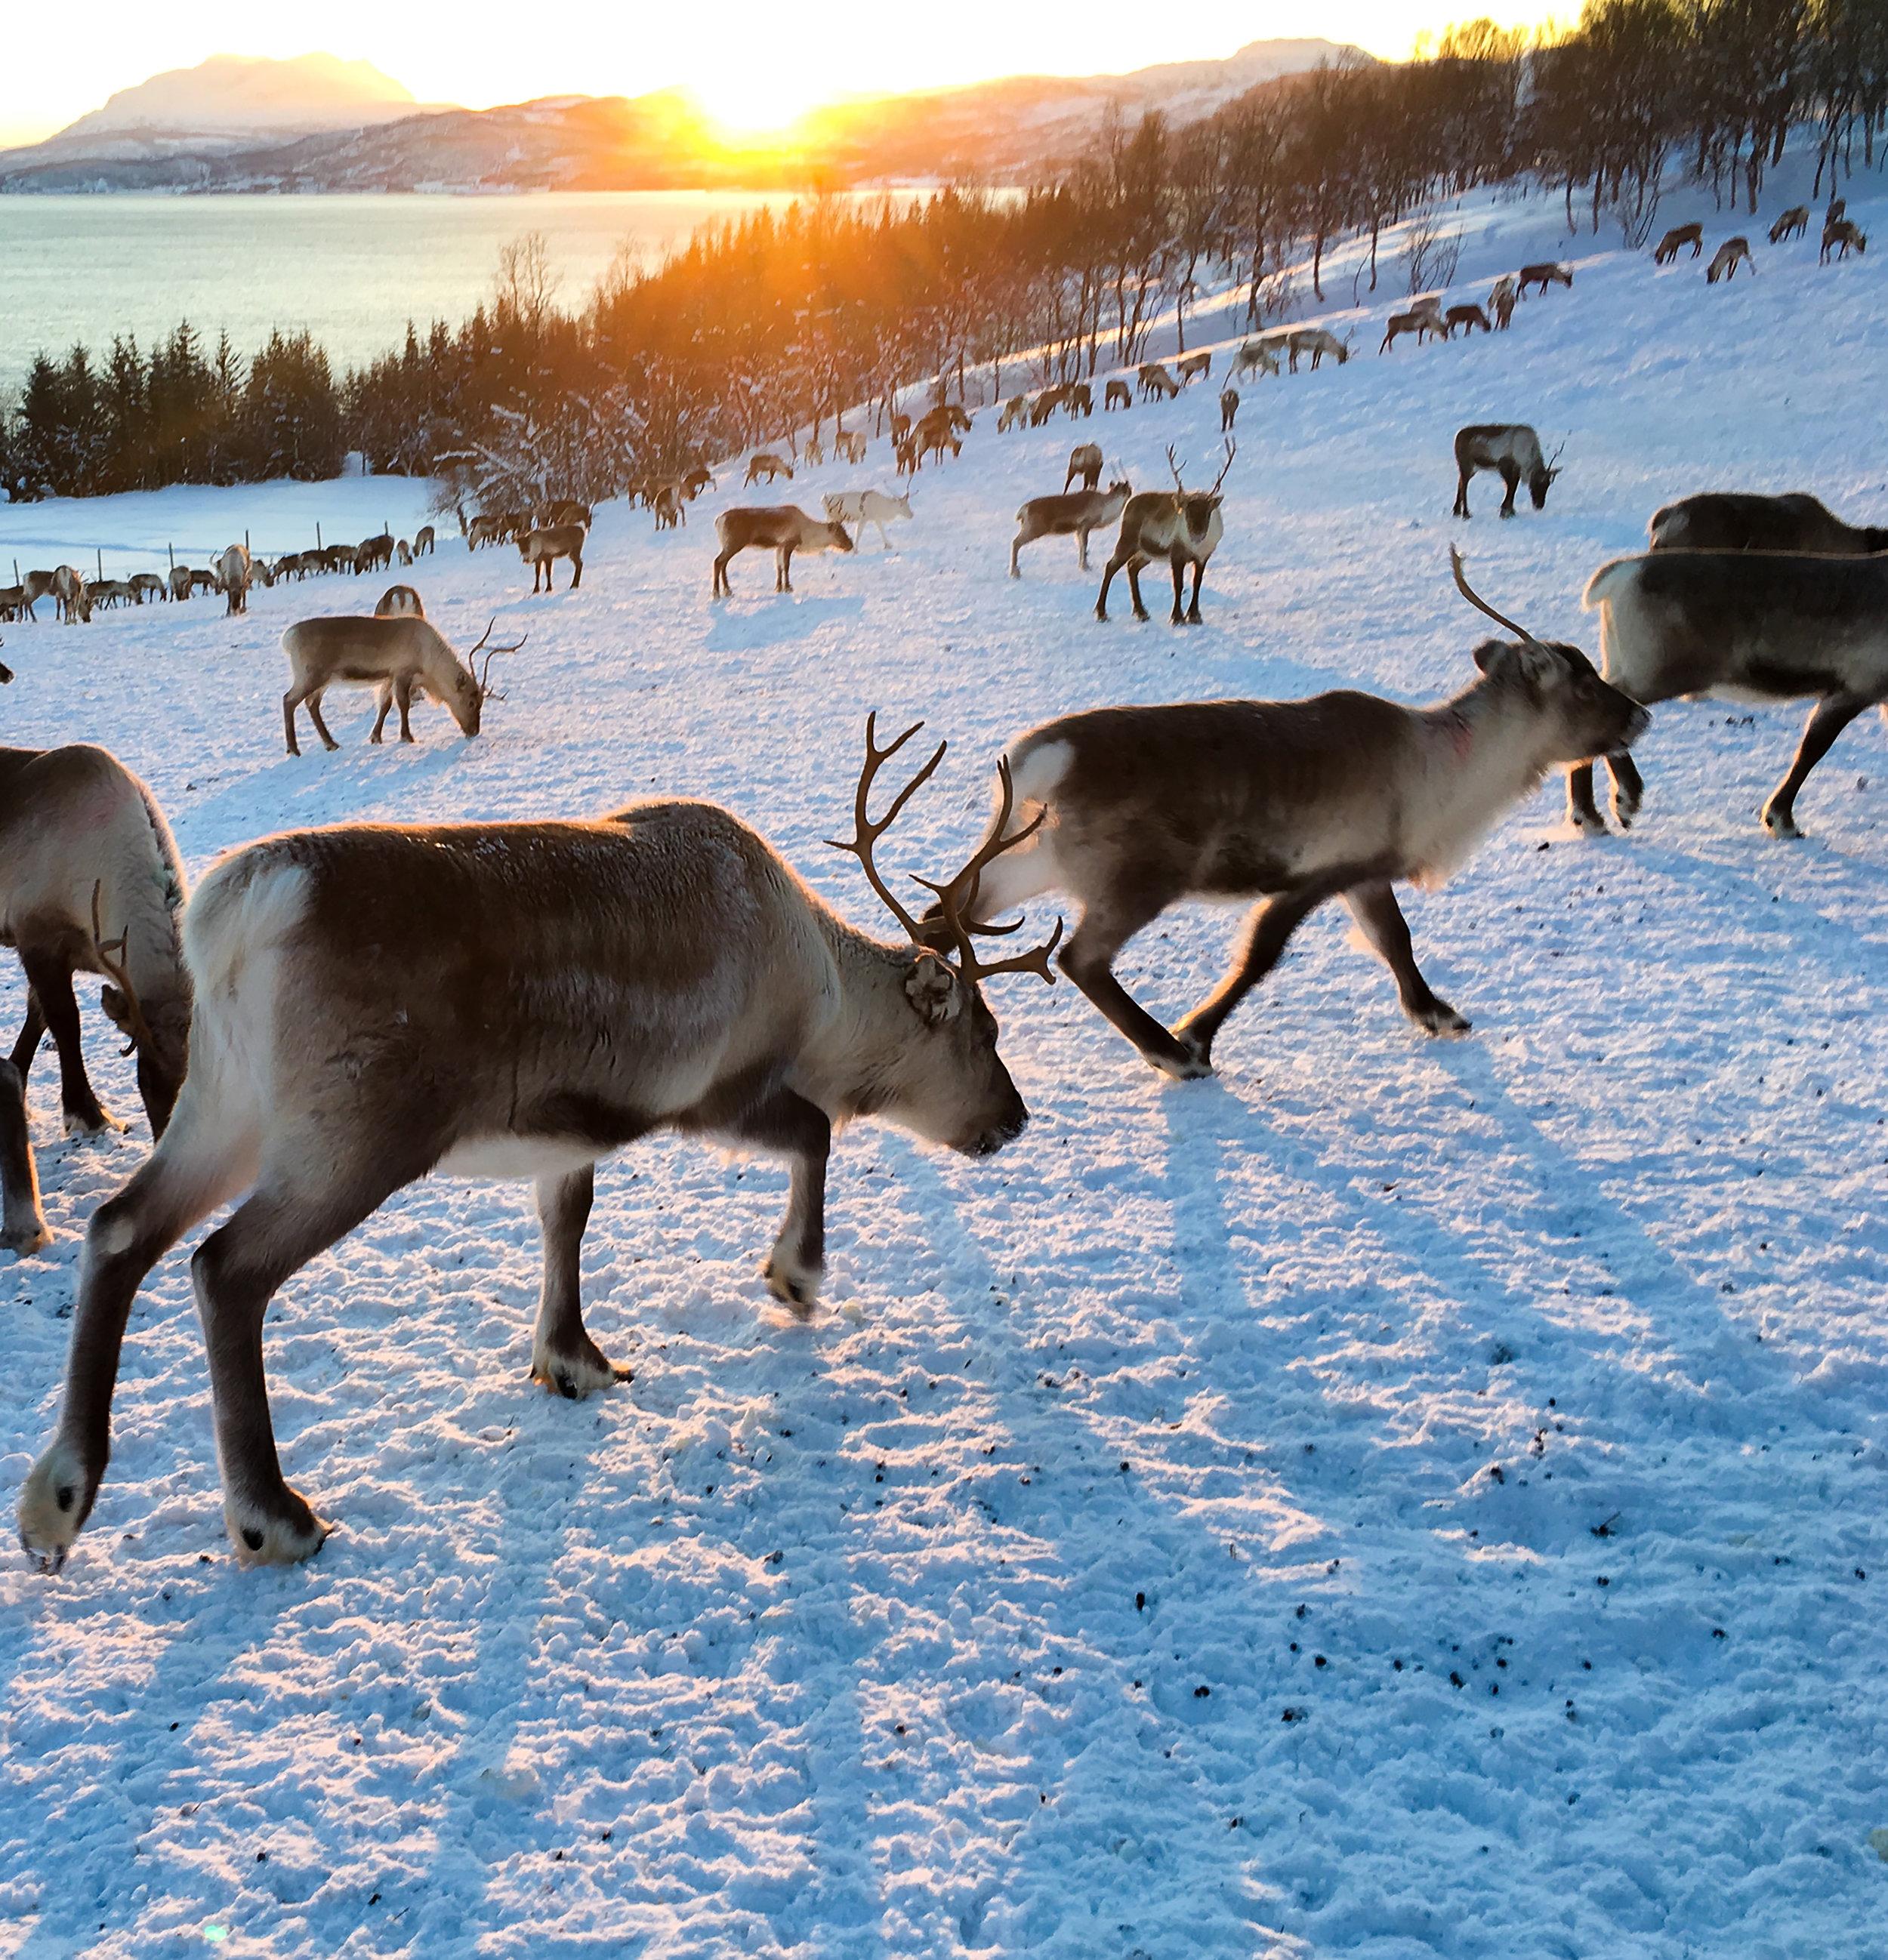 Aleksandersen reindeer herd at sunrise